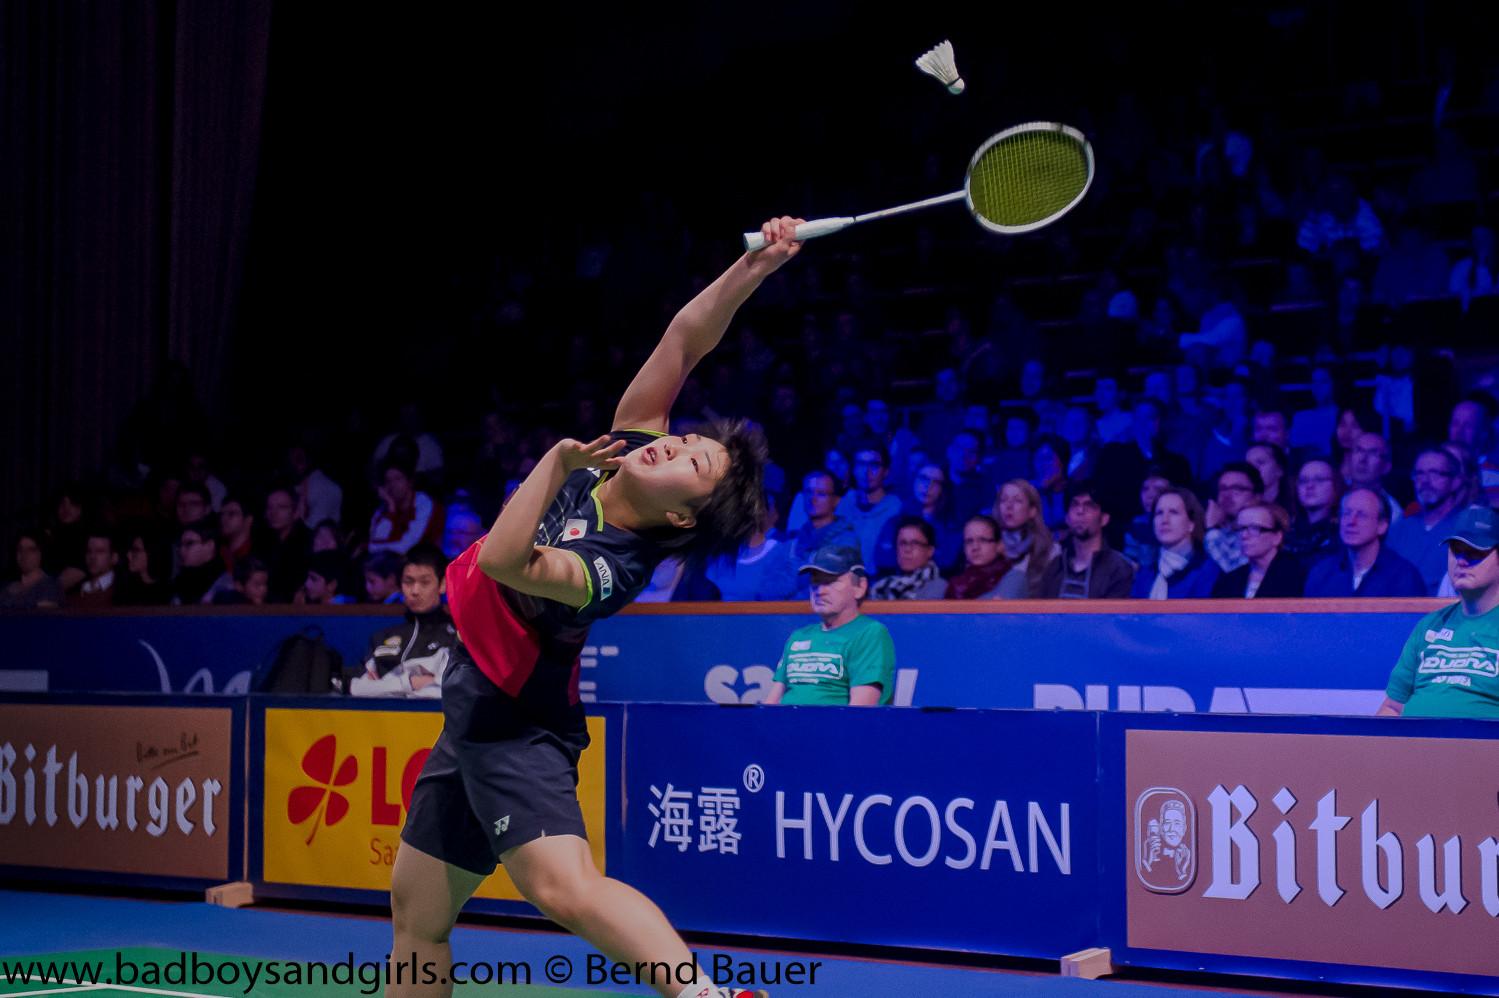 Am Ende gewann die gerade einmal 18 Jahre junge Akane Yamaguchi aus Japan in einem spannenden Finale!